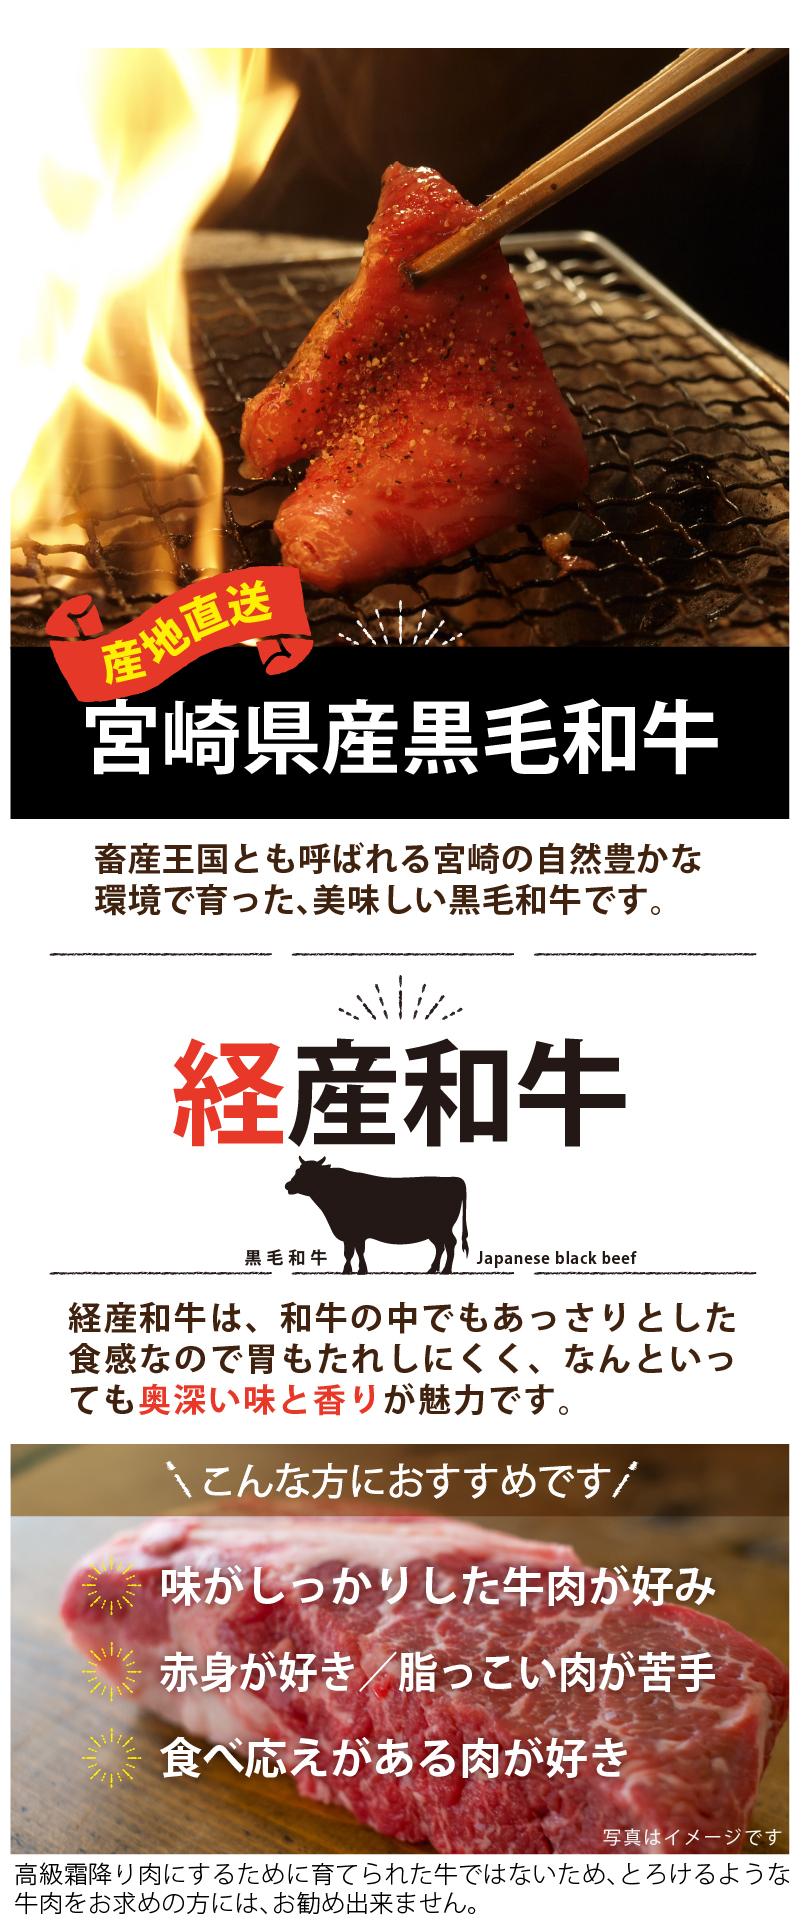 宮崎県産黒毛和牛ヒレブロック1kg